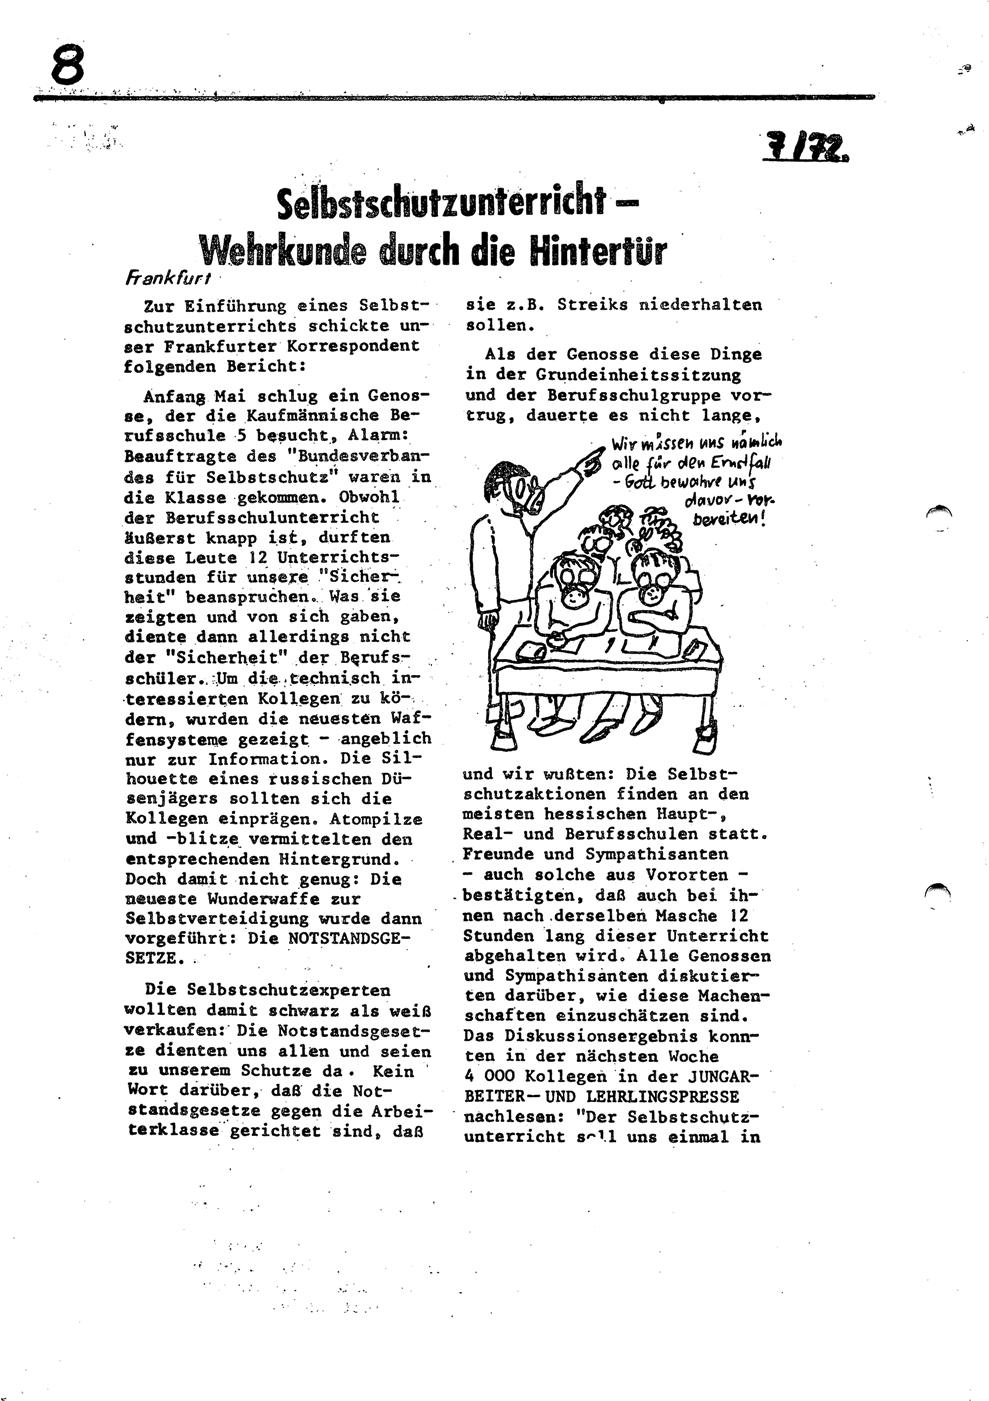 KABRW_Arbeitshefte_1977_25_007